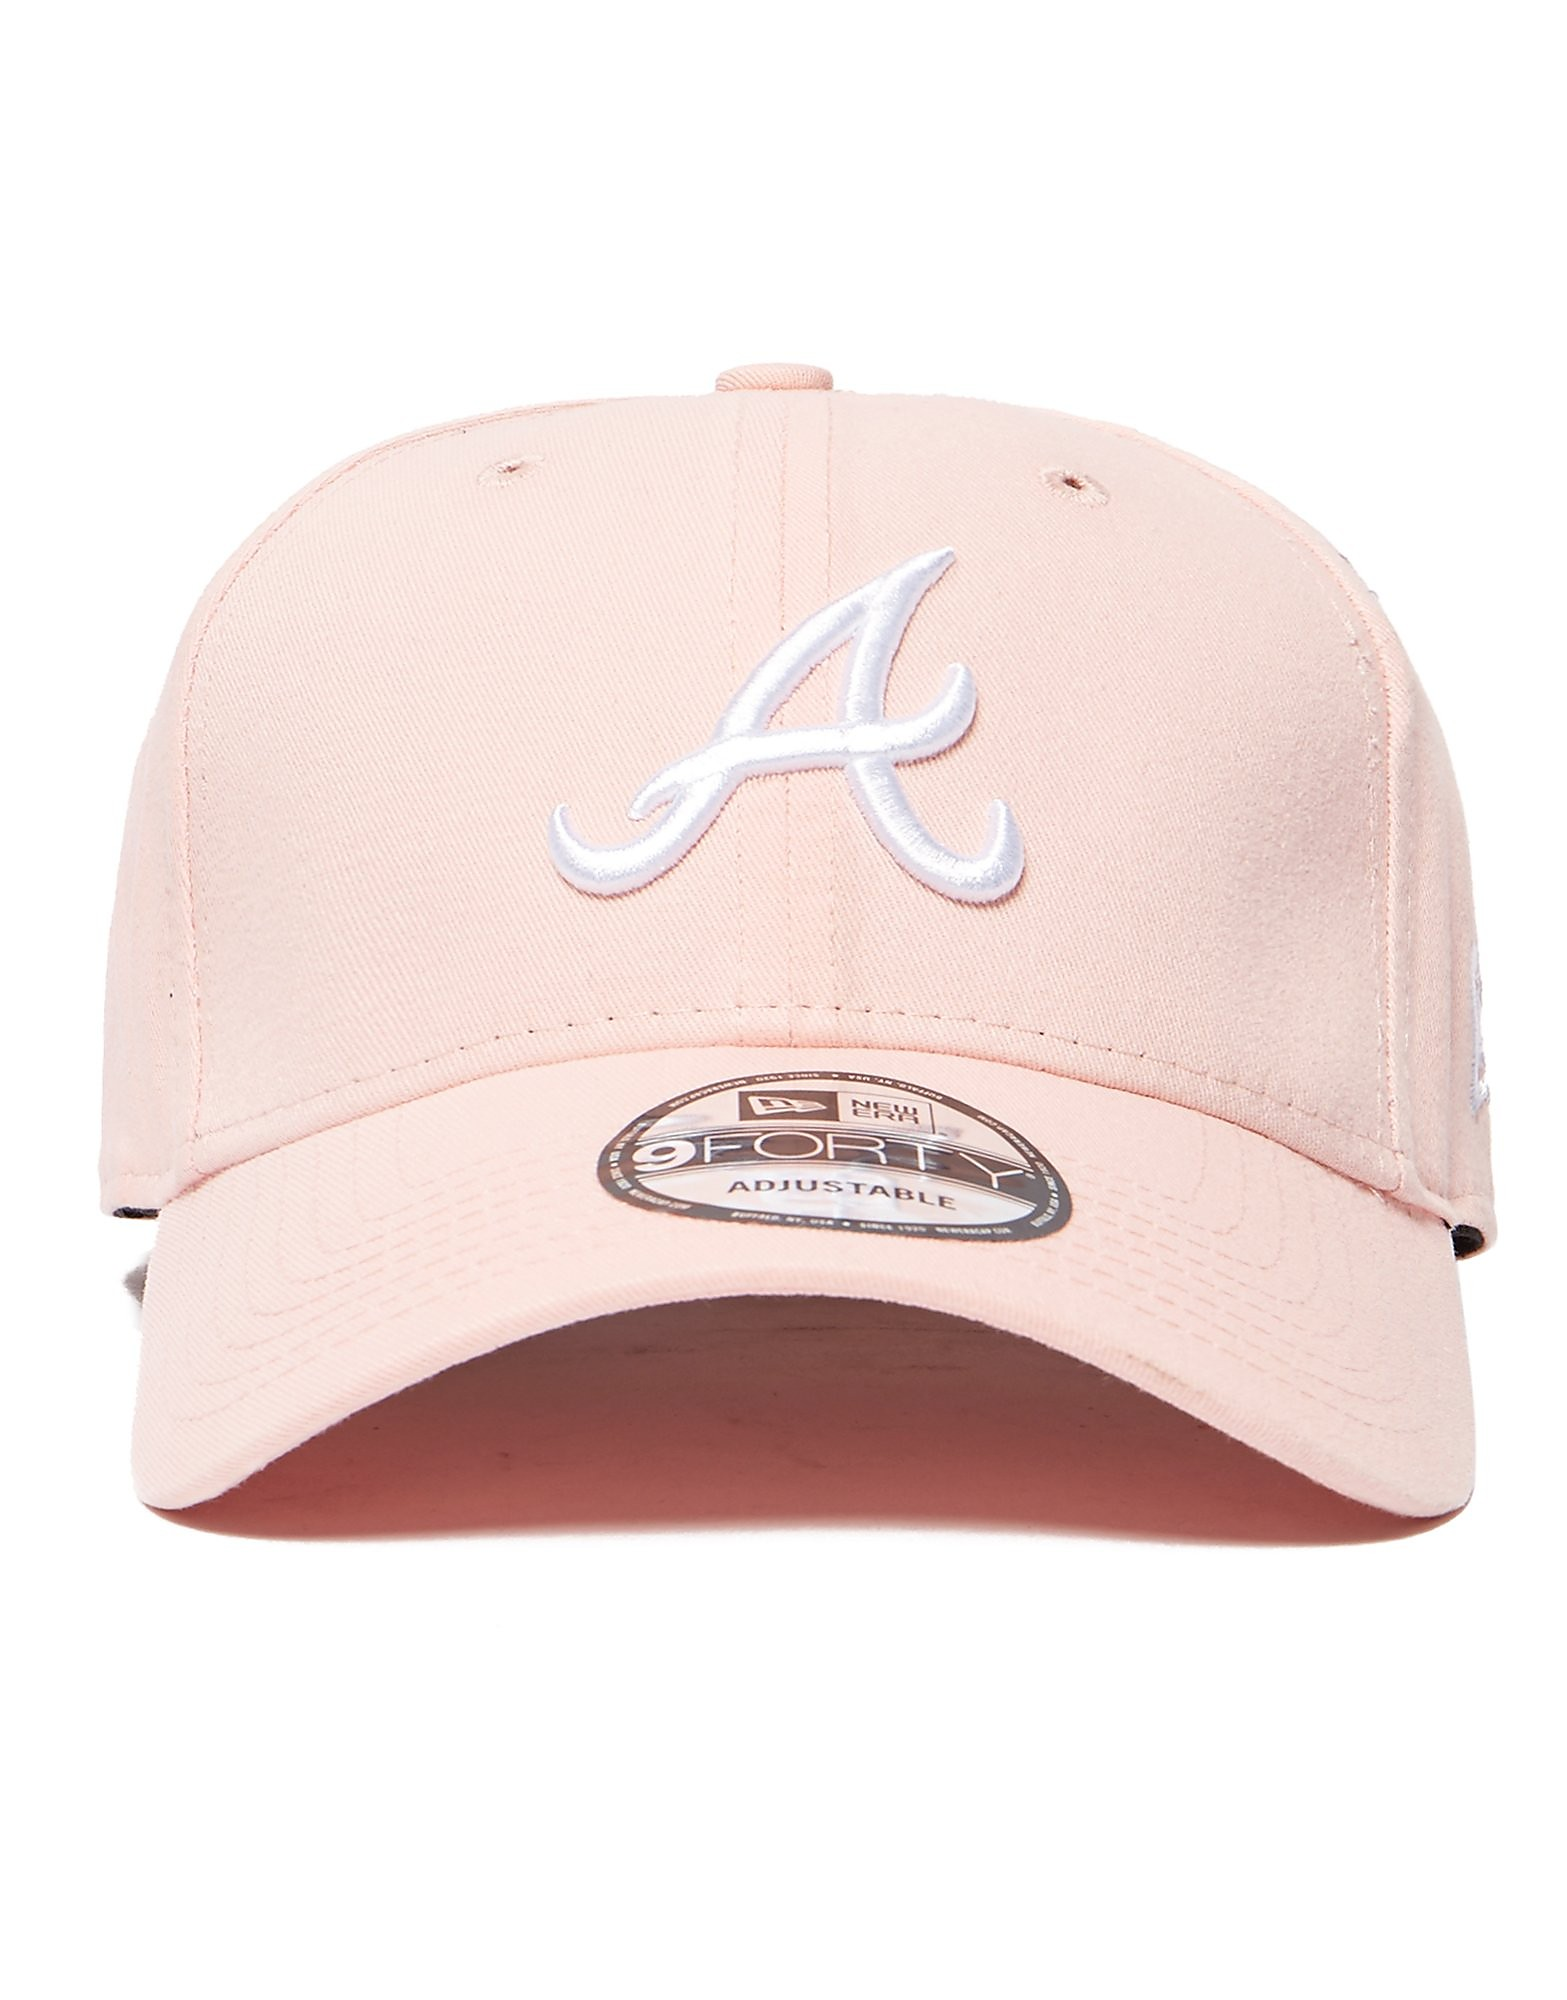 New Era 9Forty Braves Baseball Cap